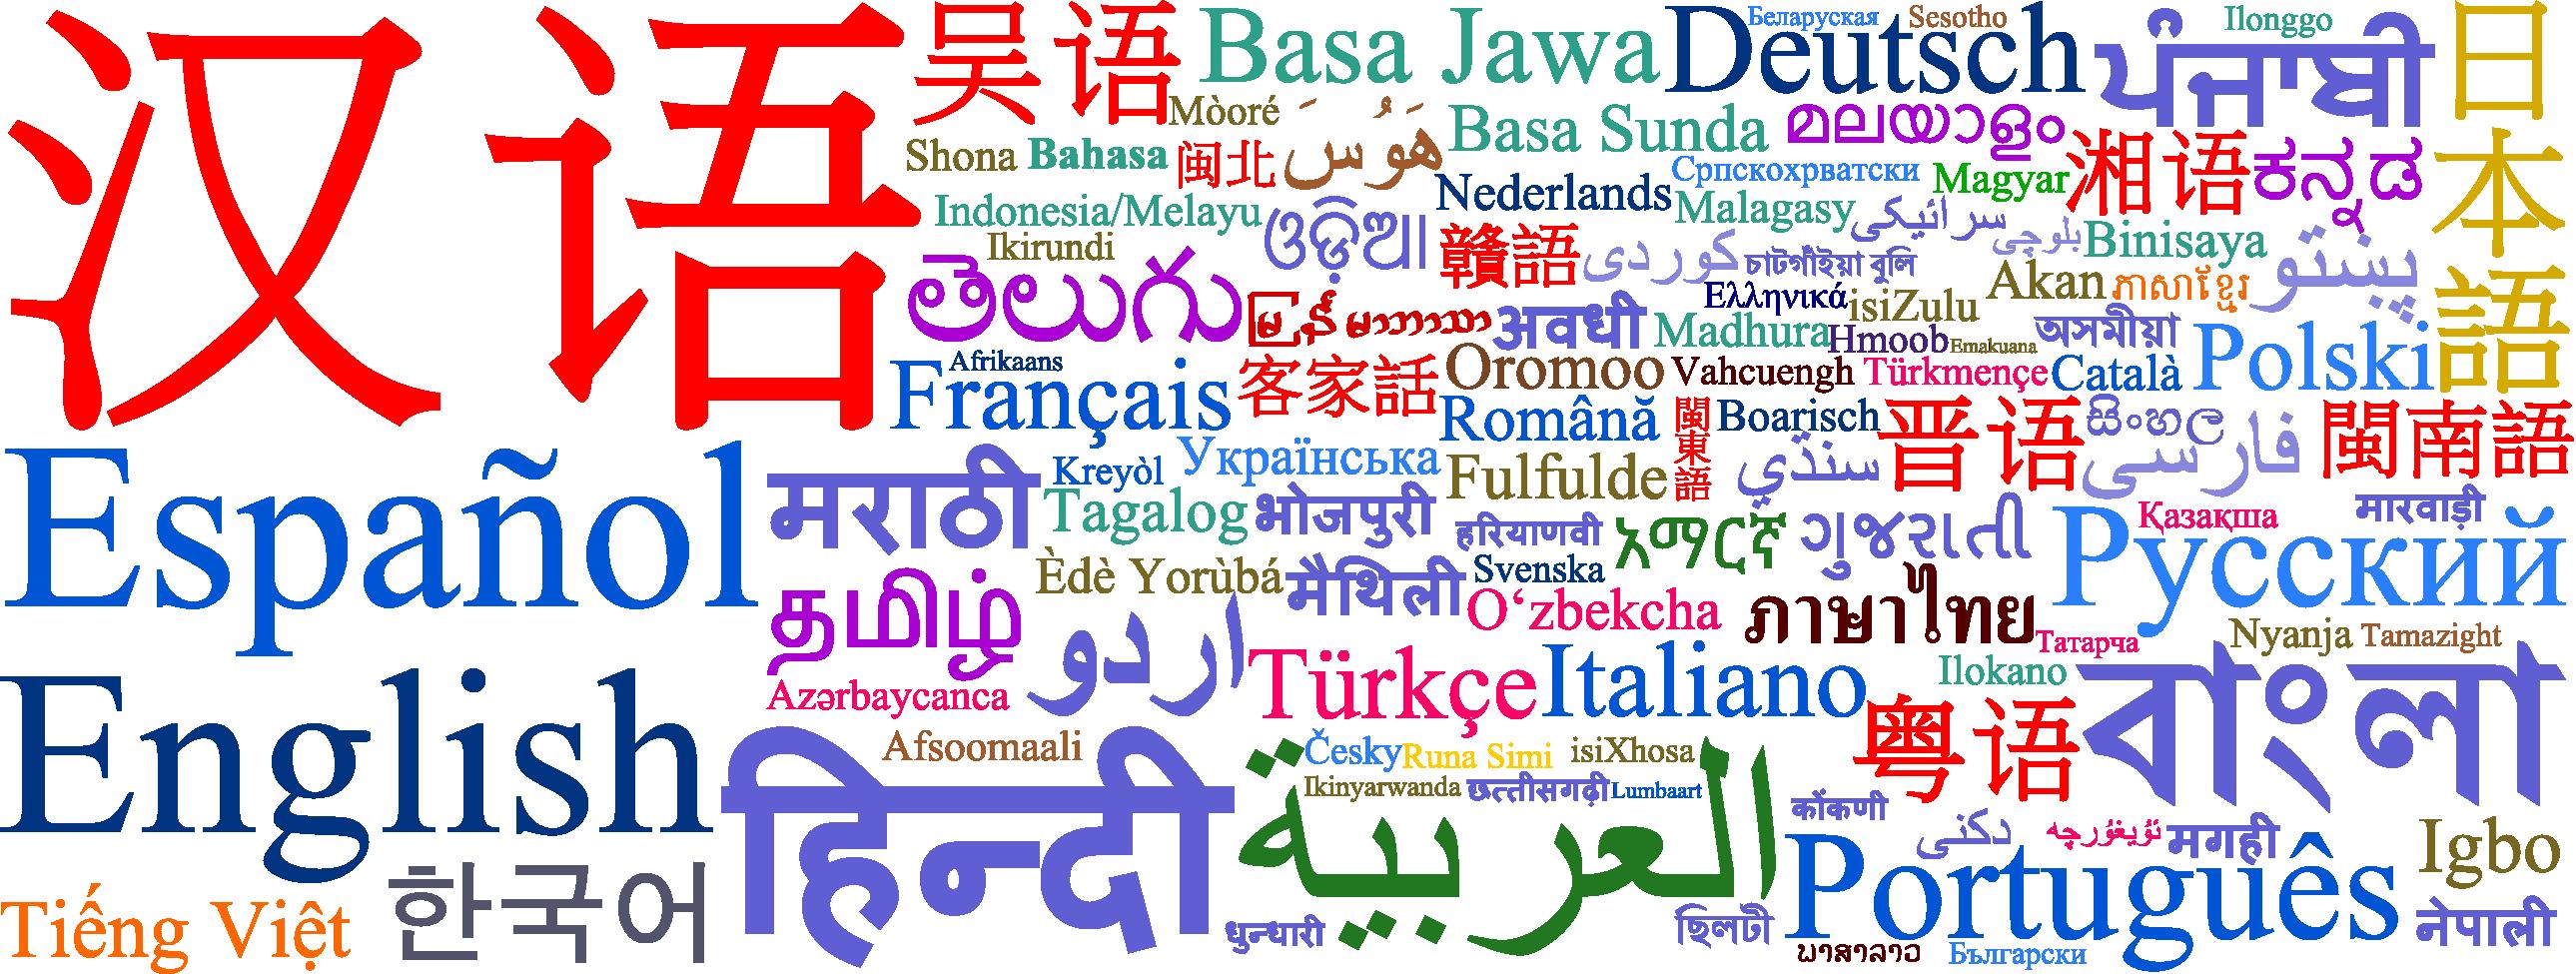 Que idioma se habla en dinamarca yahoo dating 10